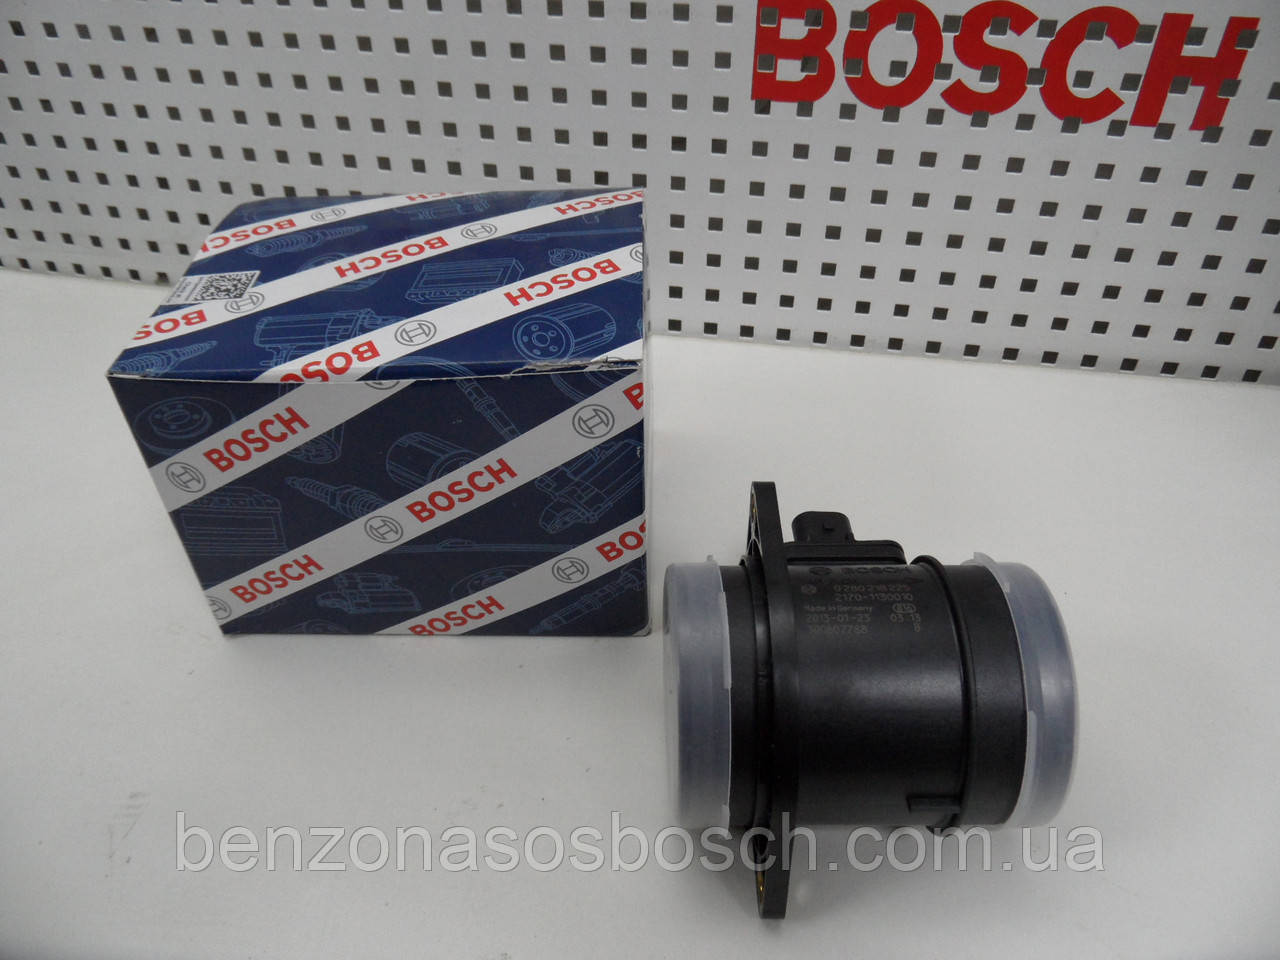 Датчики масової витрати повітря (дмрв) Bosch 0280218225, 0 280 218 225